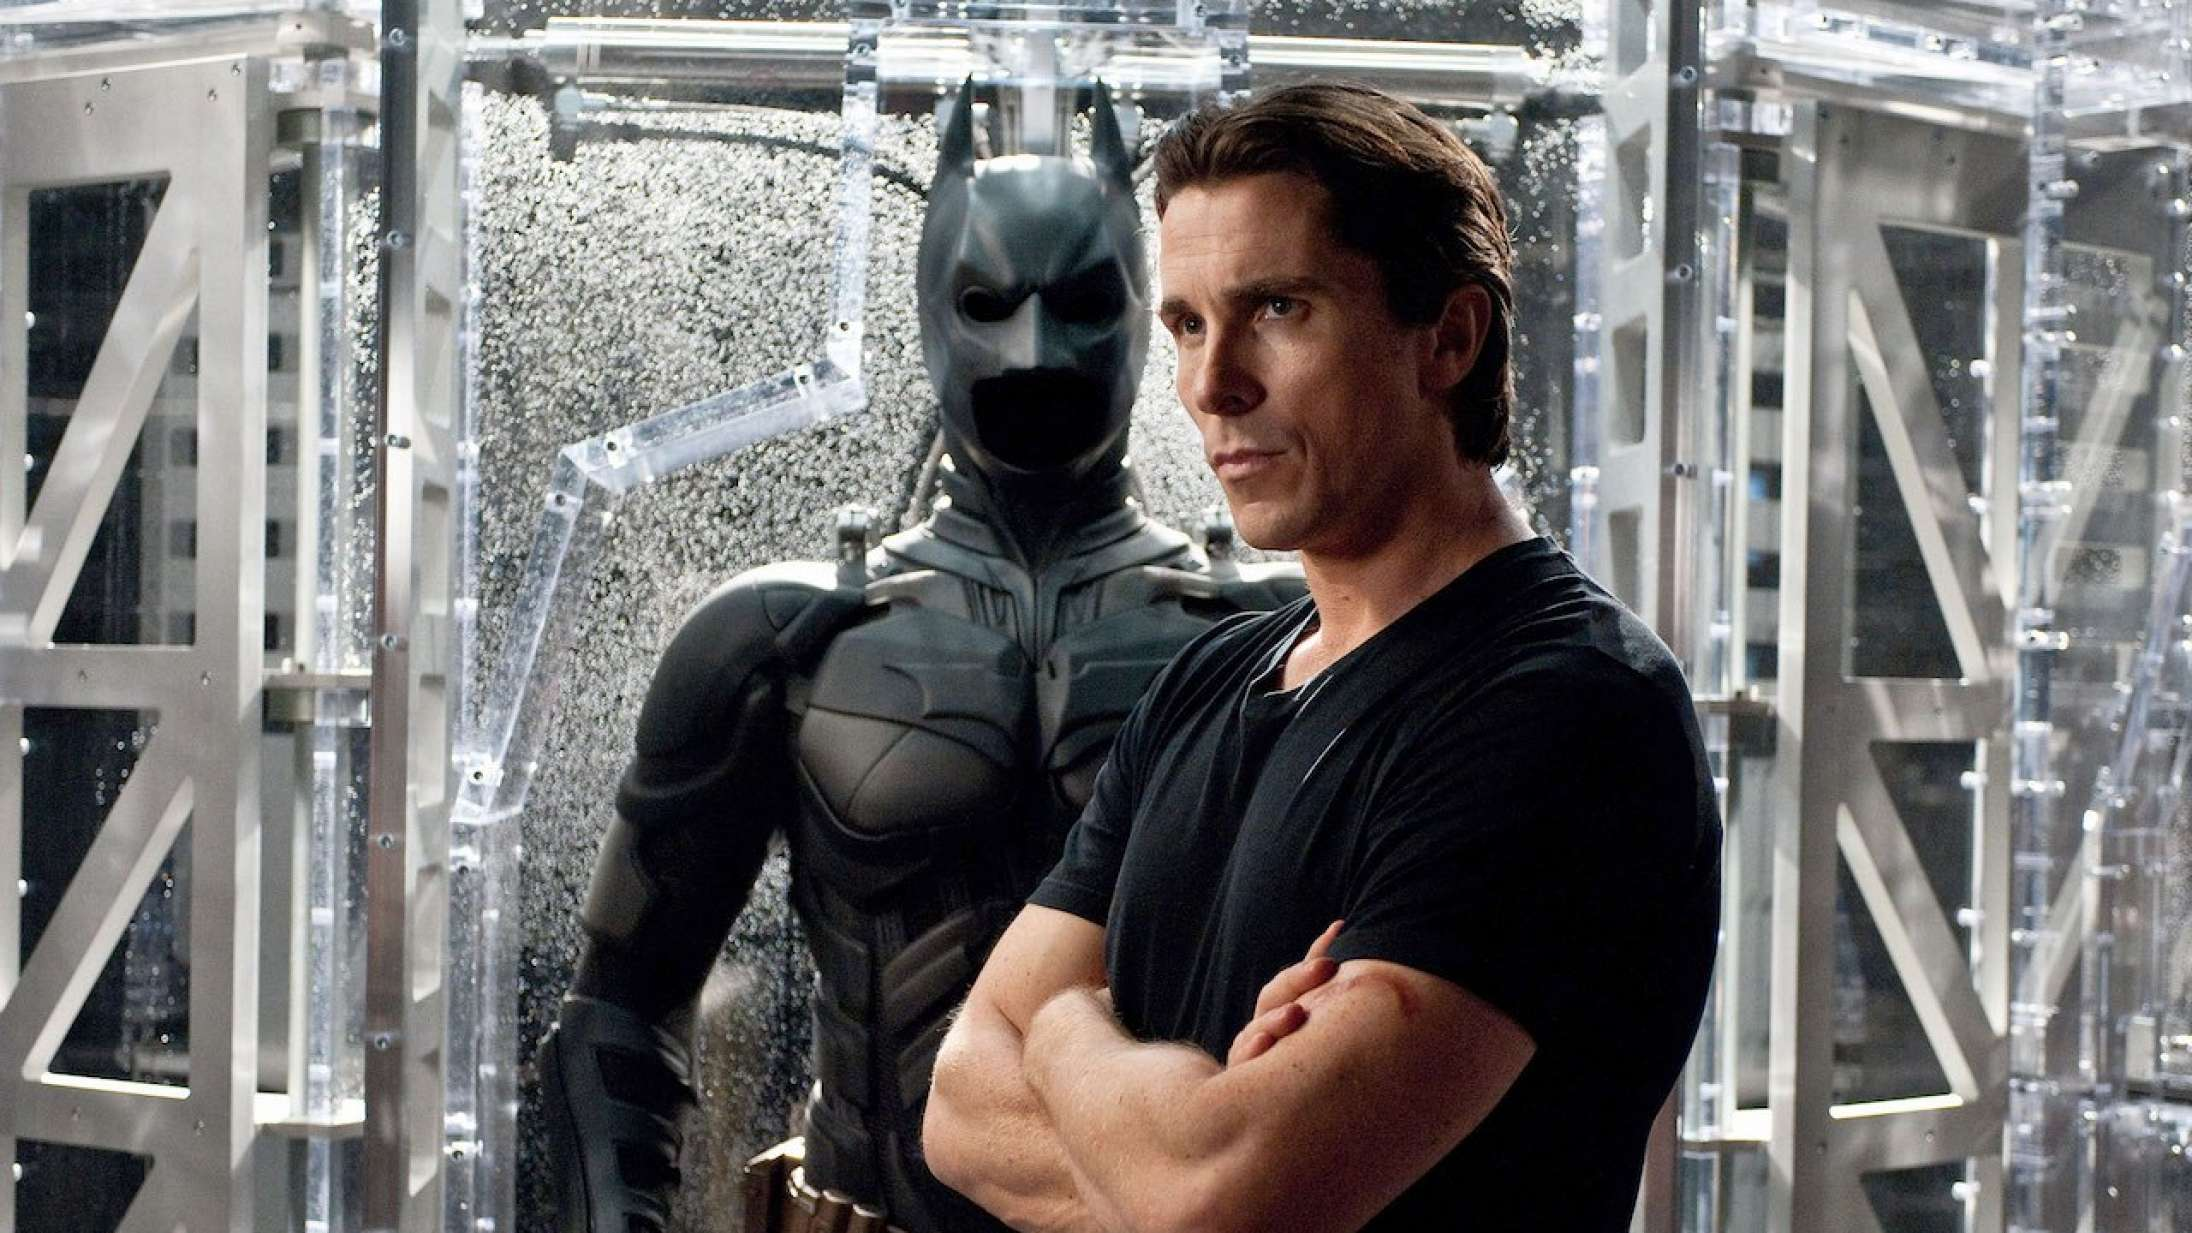 Tilbage i biograferne: 'The Dark Knight'-trilogien viser Christopher Nolans utrolige ambitioner og umulige nykker